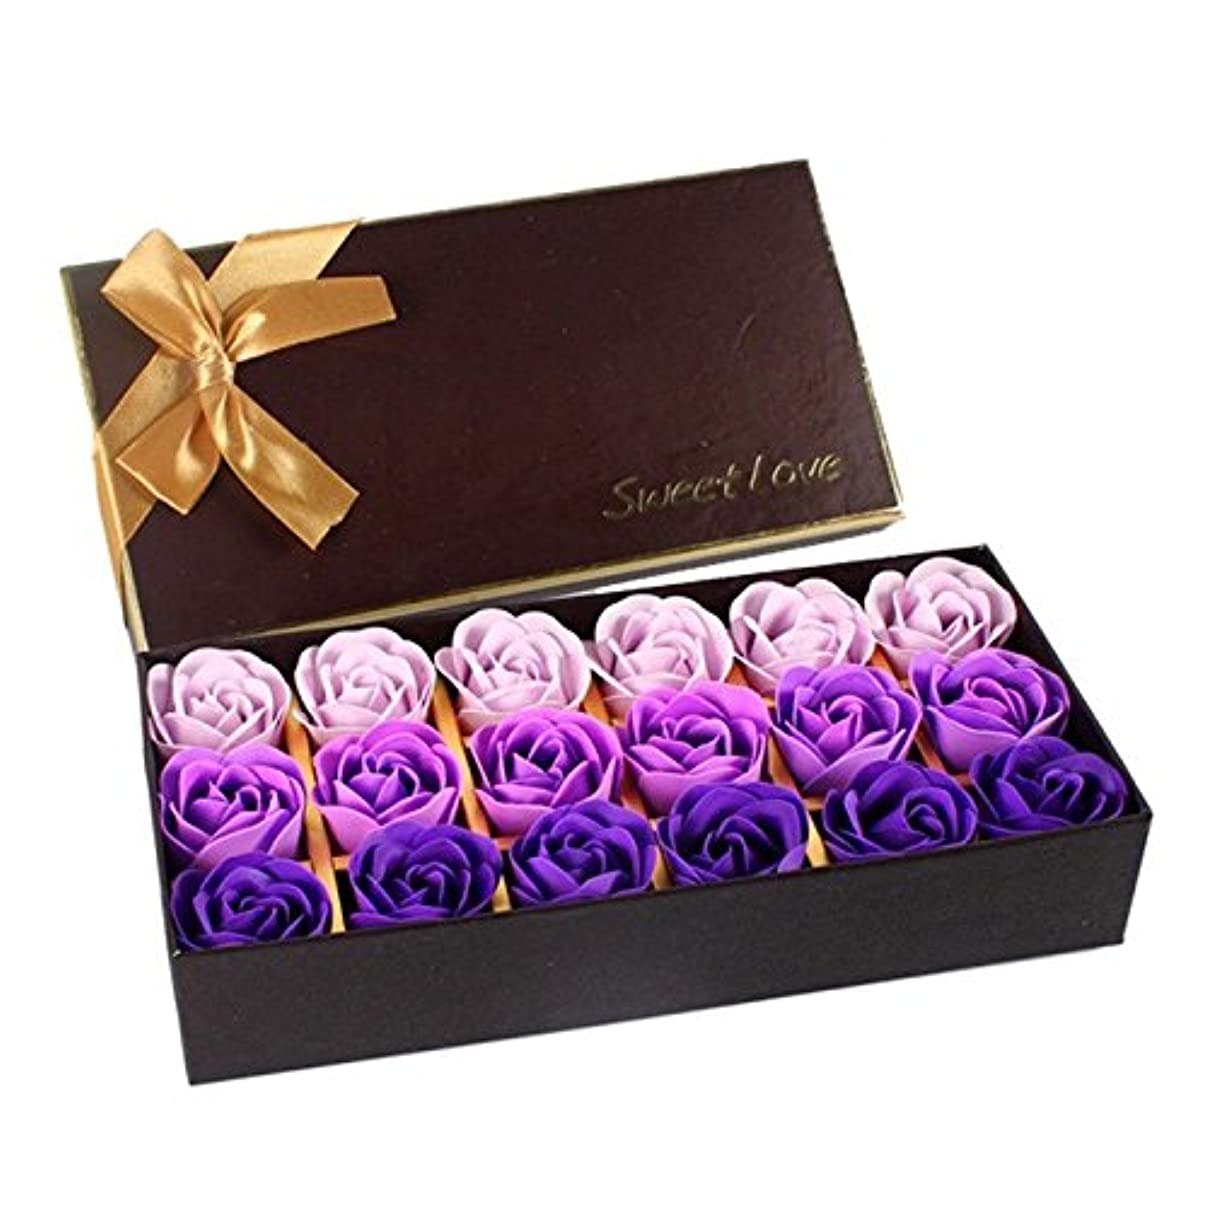 マイル大宇宙バラ色ローズ フラワーソープ 石鹸 薔薇 プレゼント お祝い ② #334